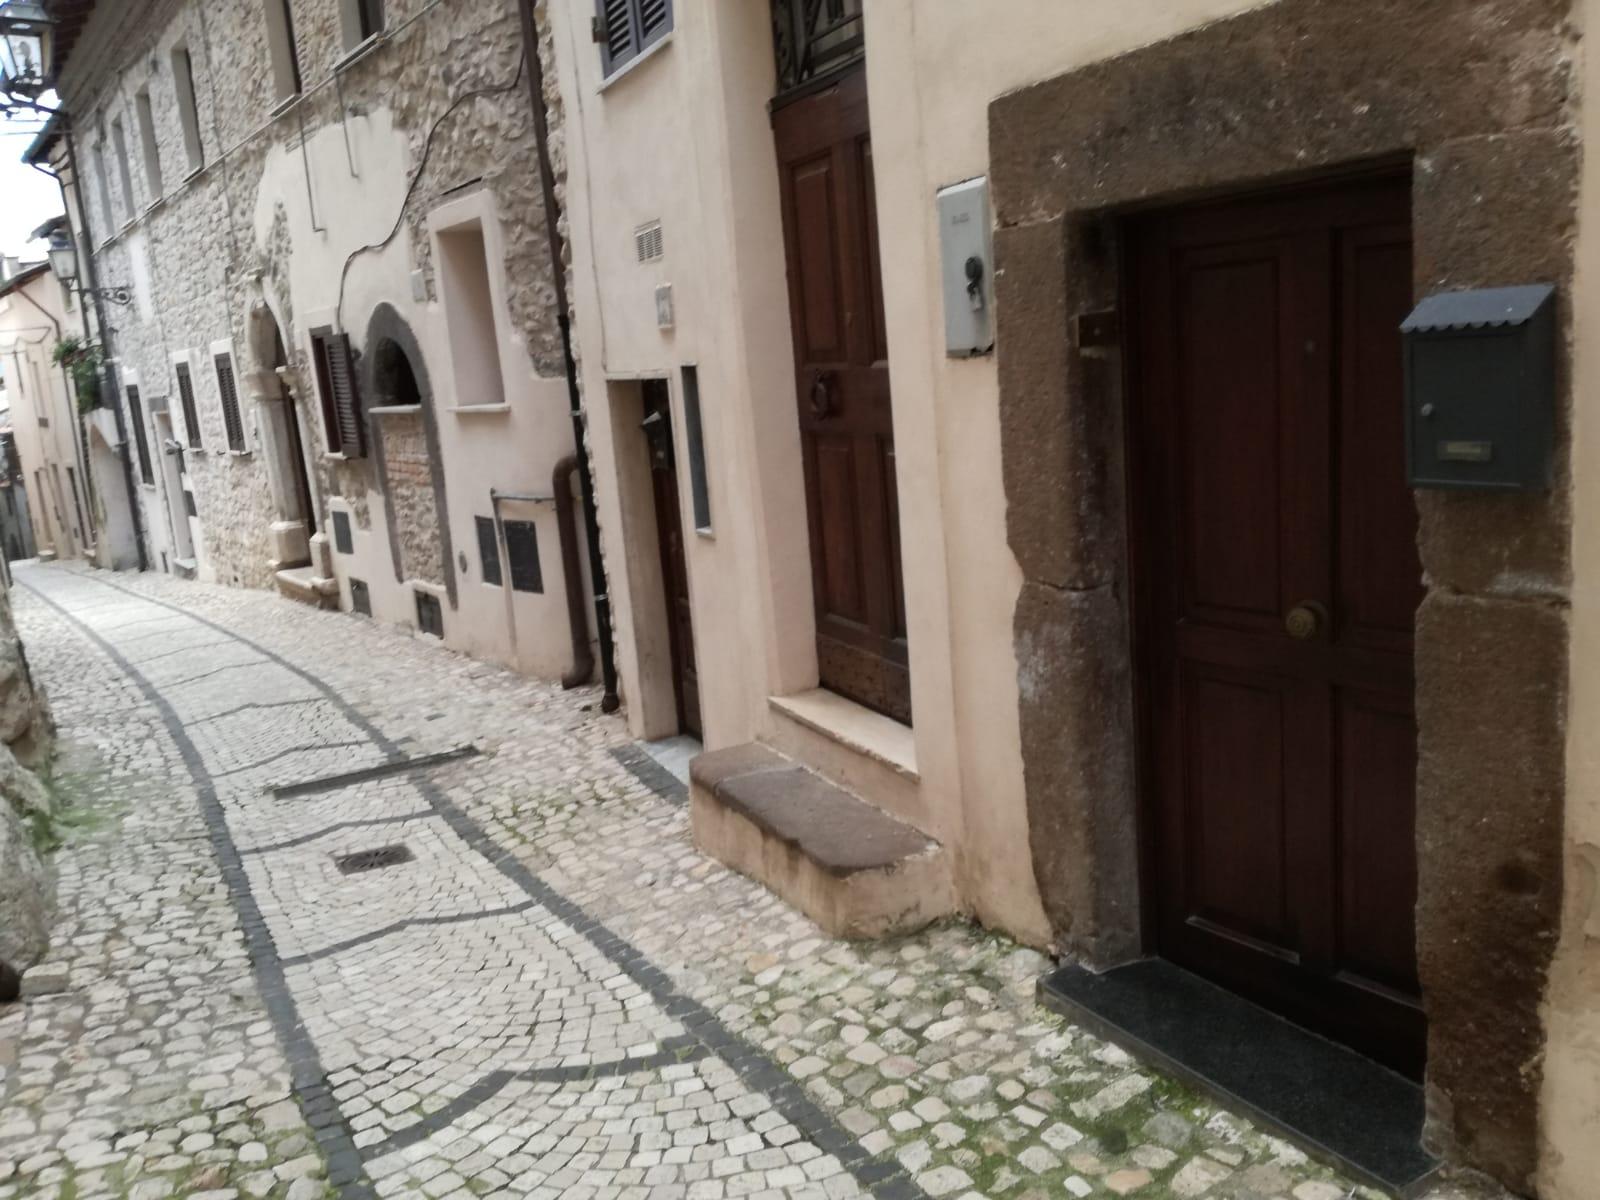 Appartamento in vendita a Gavignano, 2 locali, zona Località: VIAR.MARGHERITA, prezzo € 49.000 | CambioCasa.it